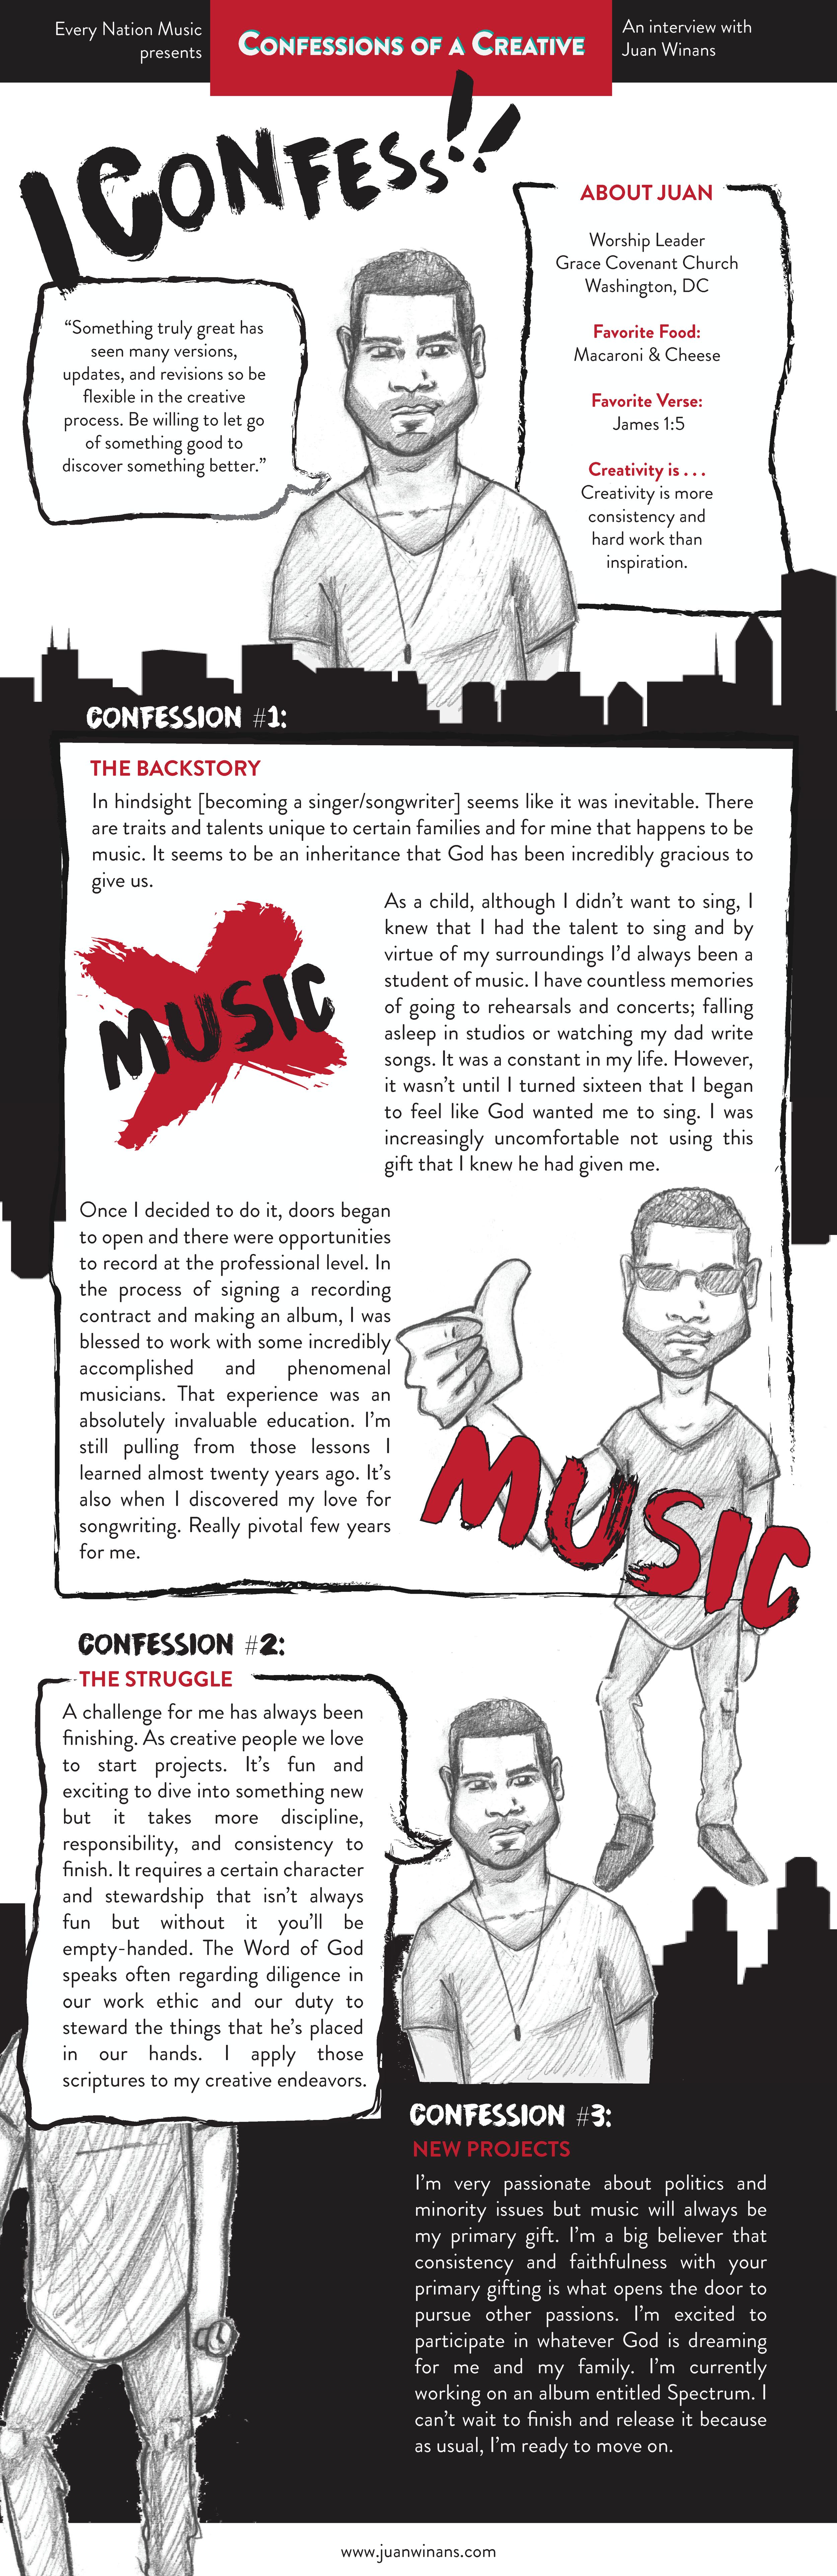 Confessions of a Creative Juan.png